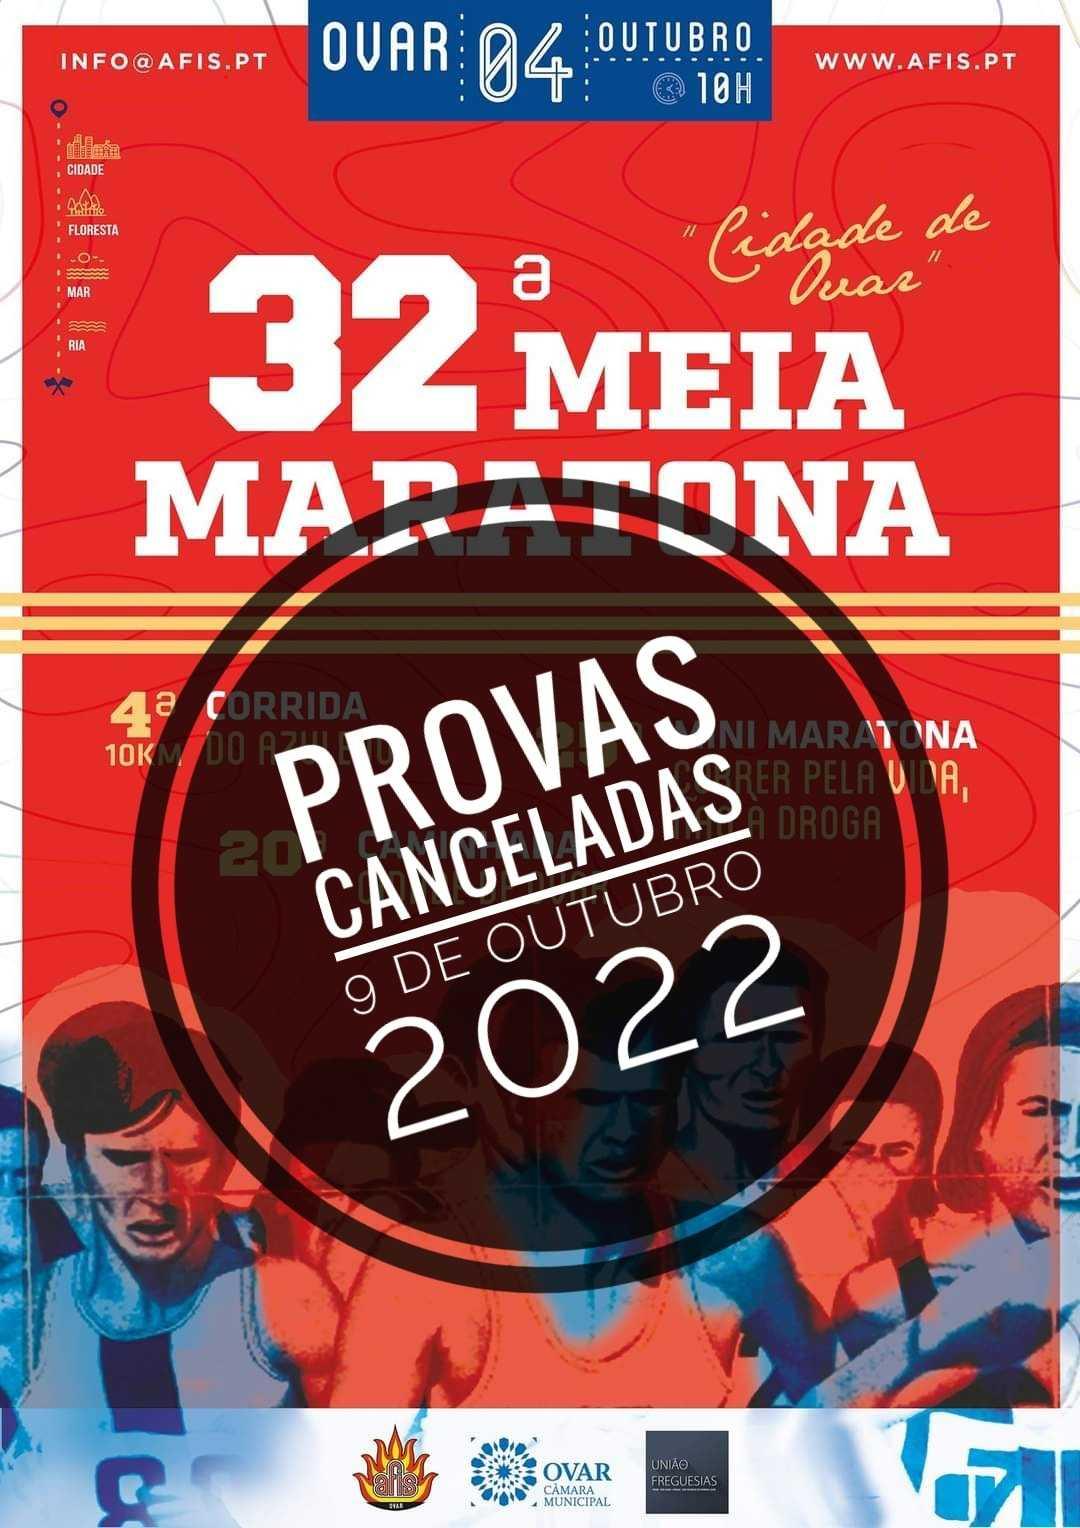 Meia Maratona Cidade de Ovar 2022